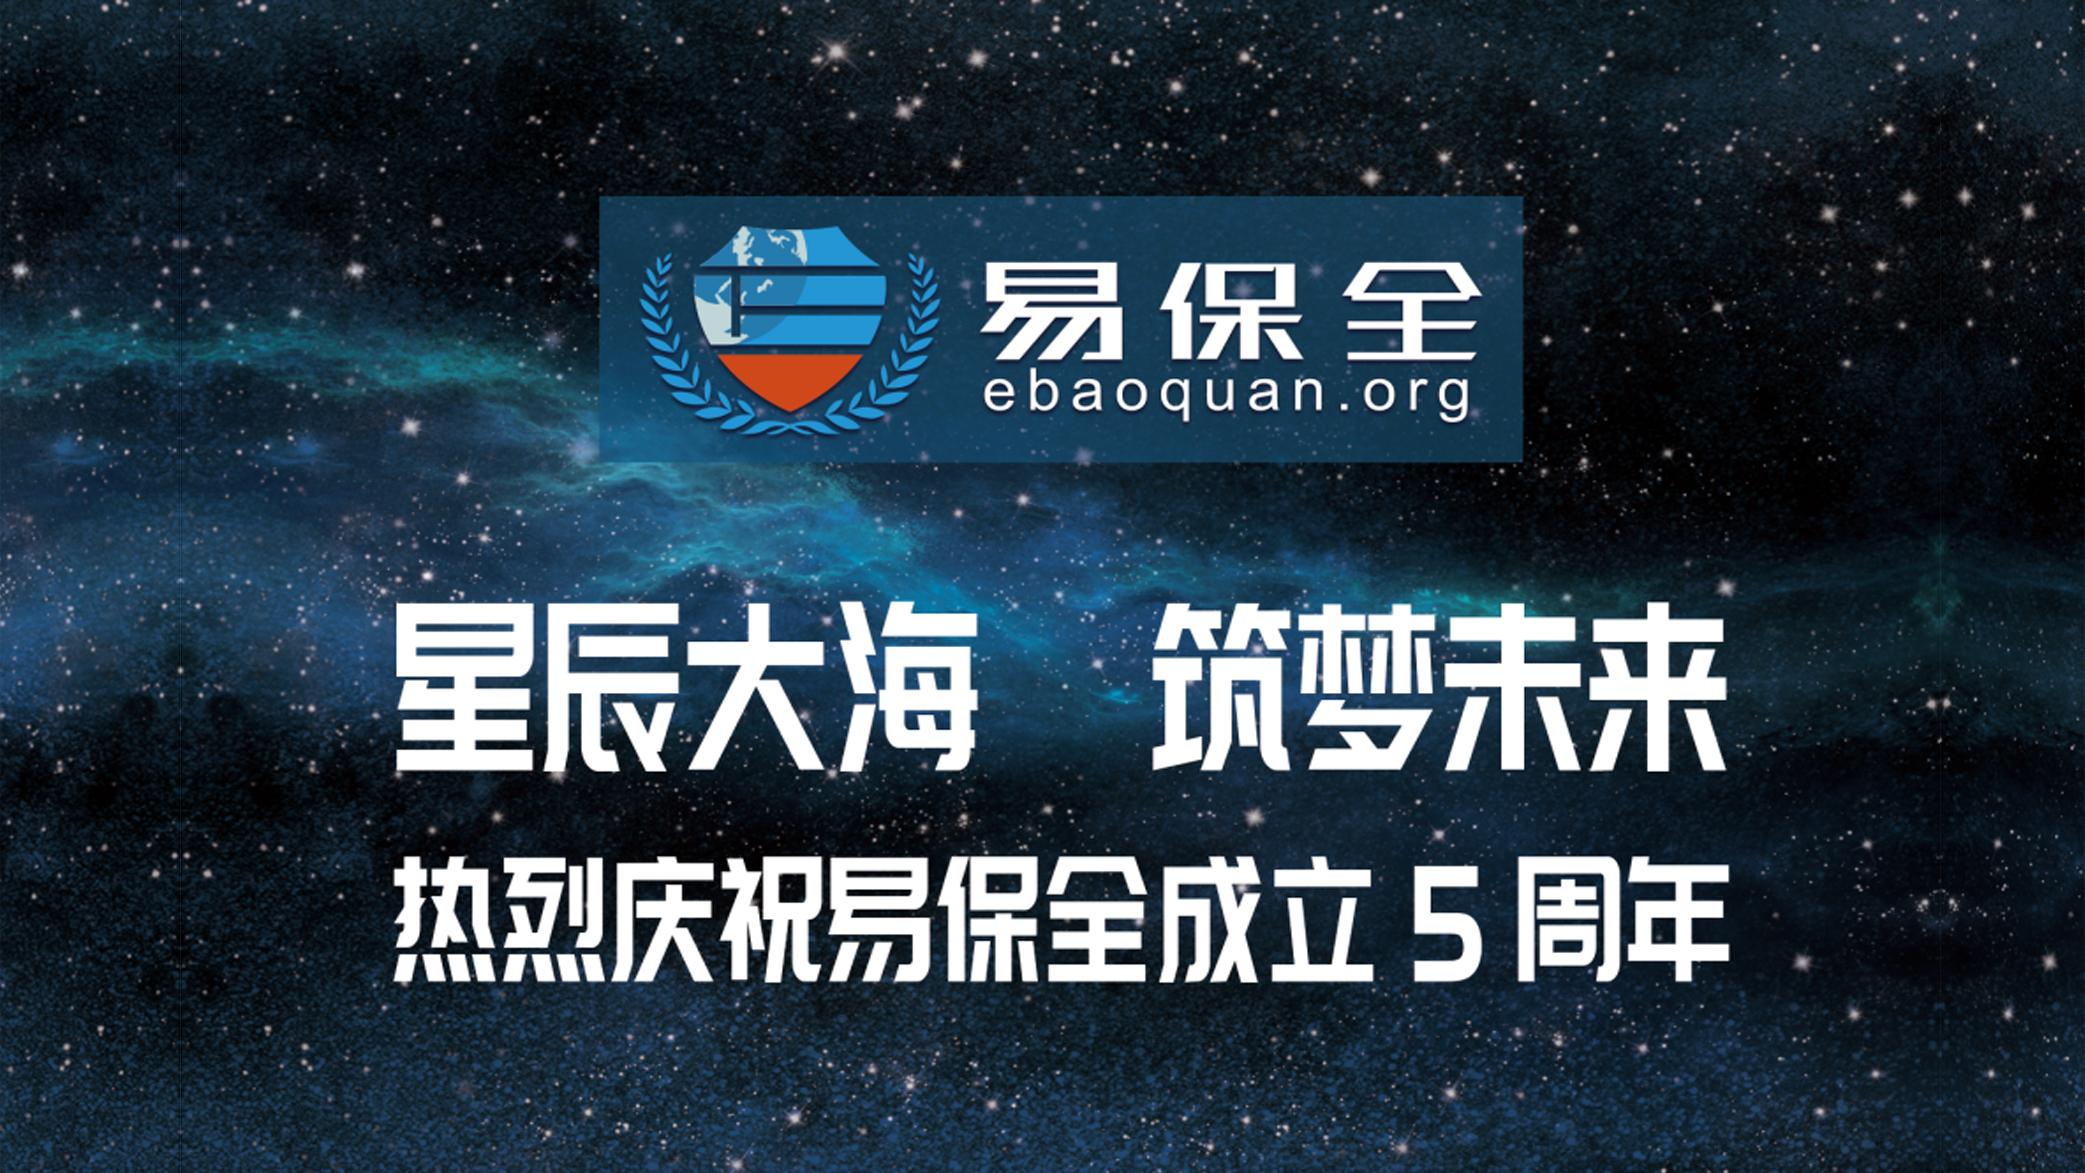 星辰大海,筑梦未来丨热烈庆祝易保全成立五周年